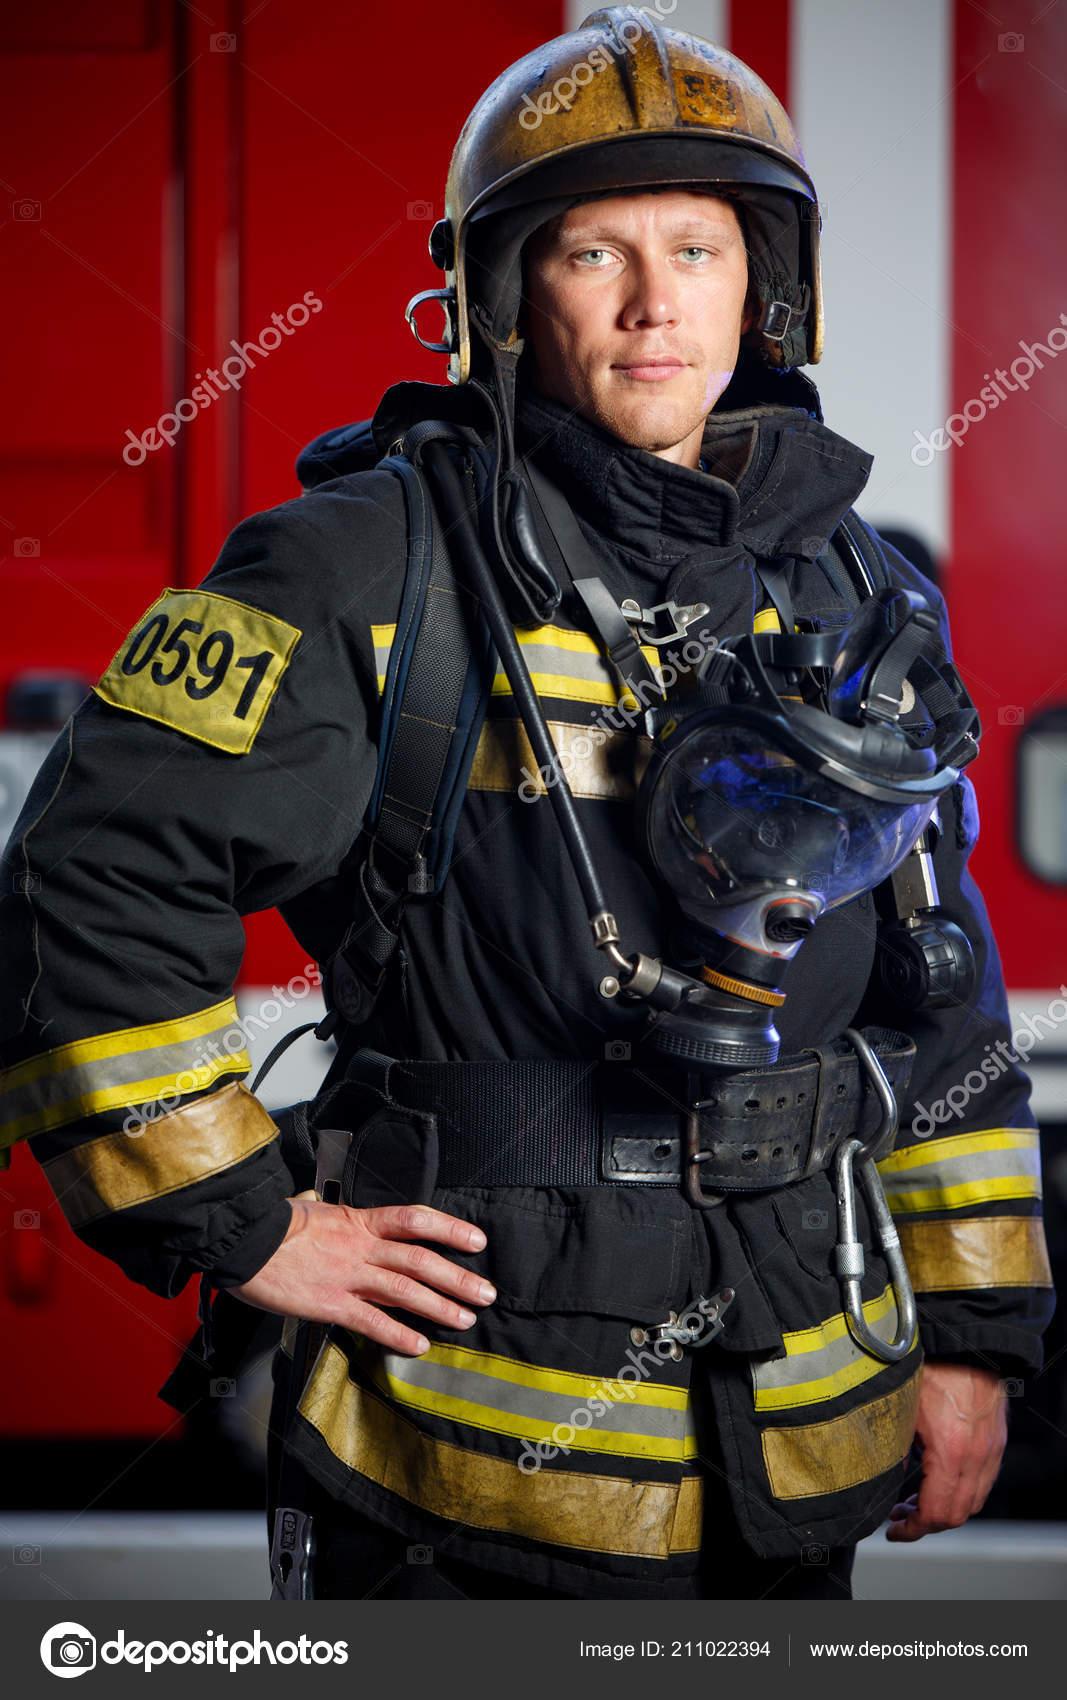 быстро, обозначения на касках пожарных фото ходу открытки